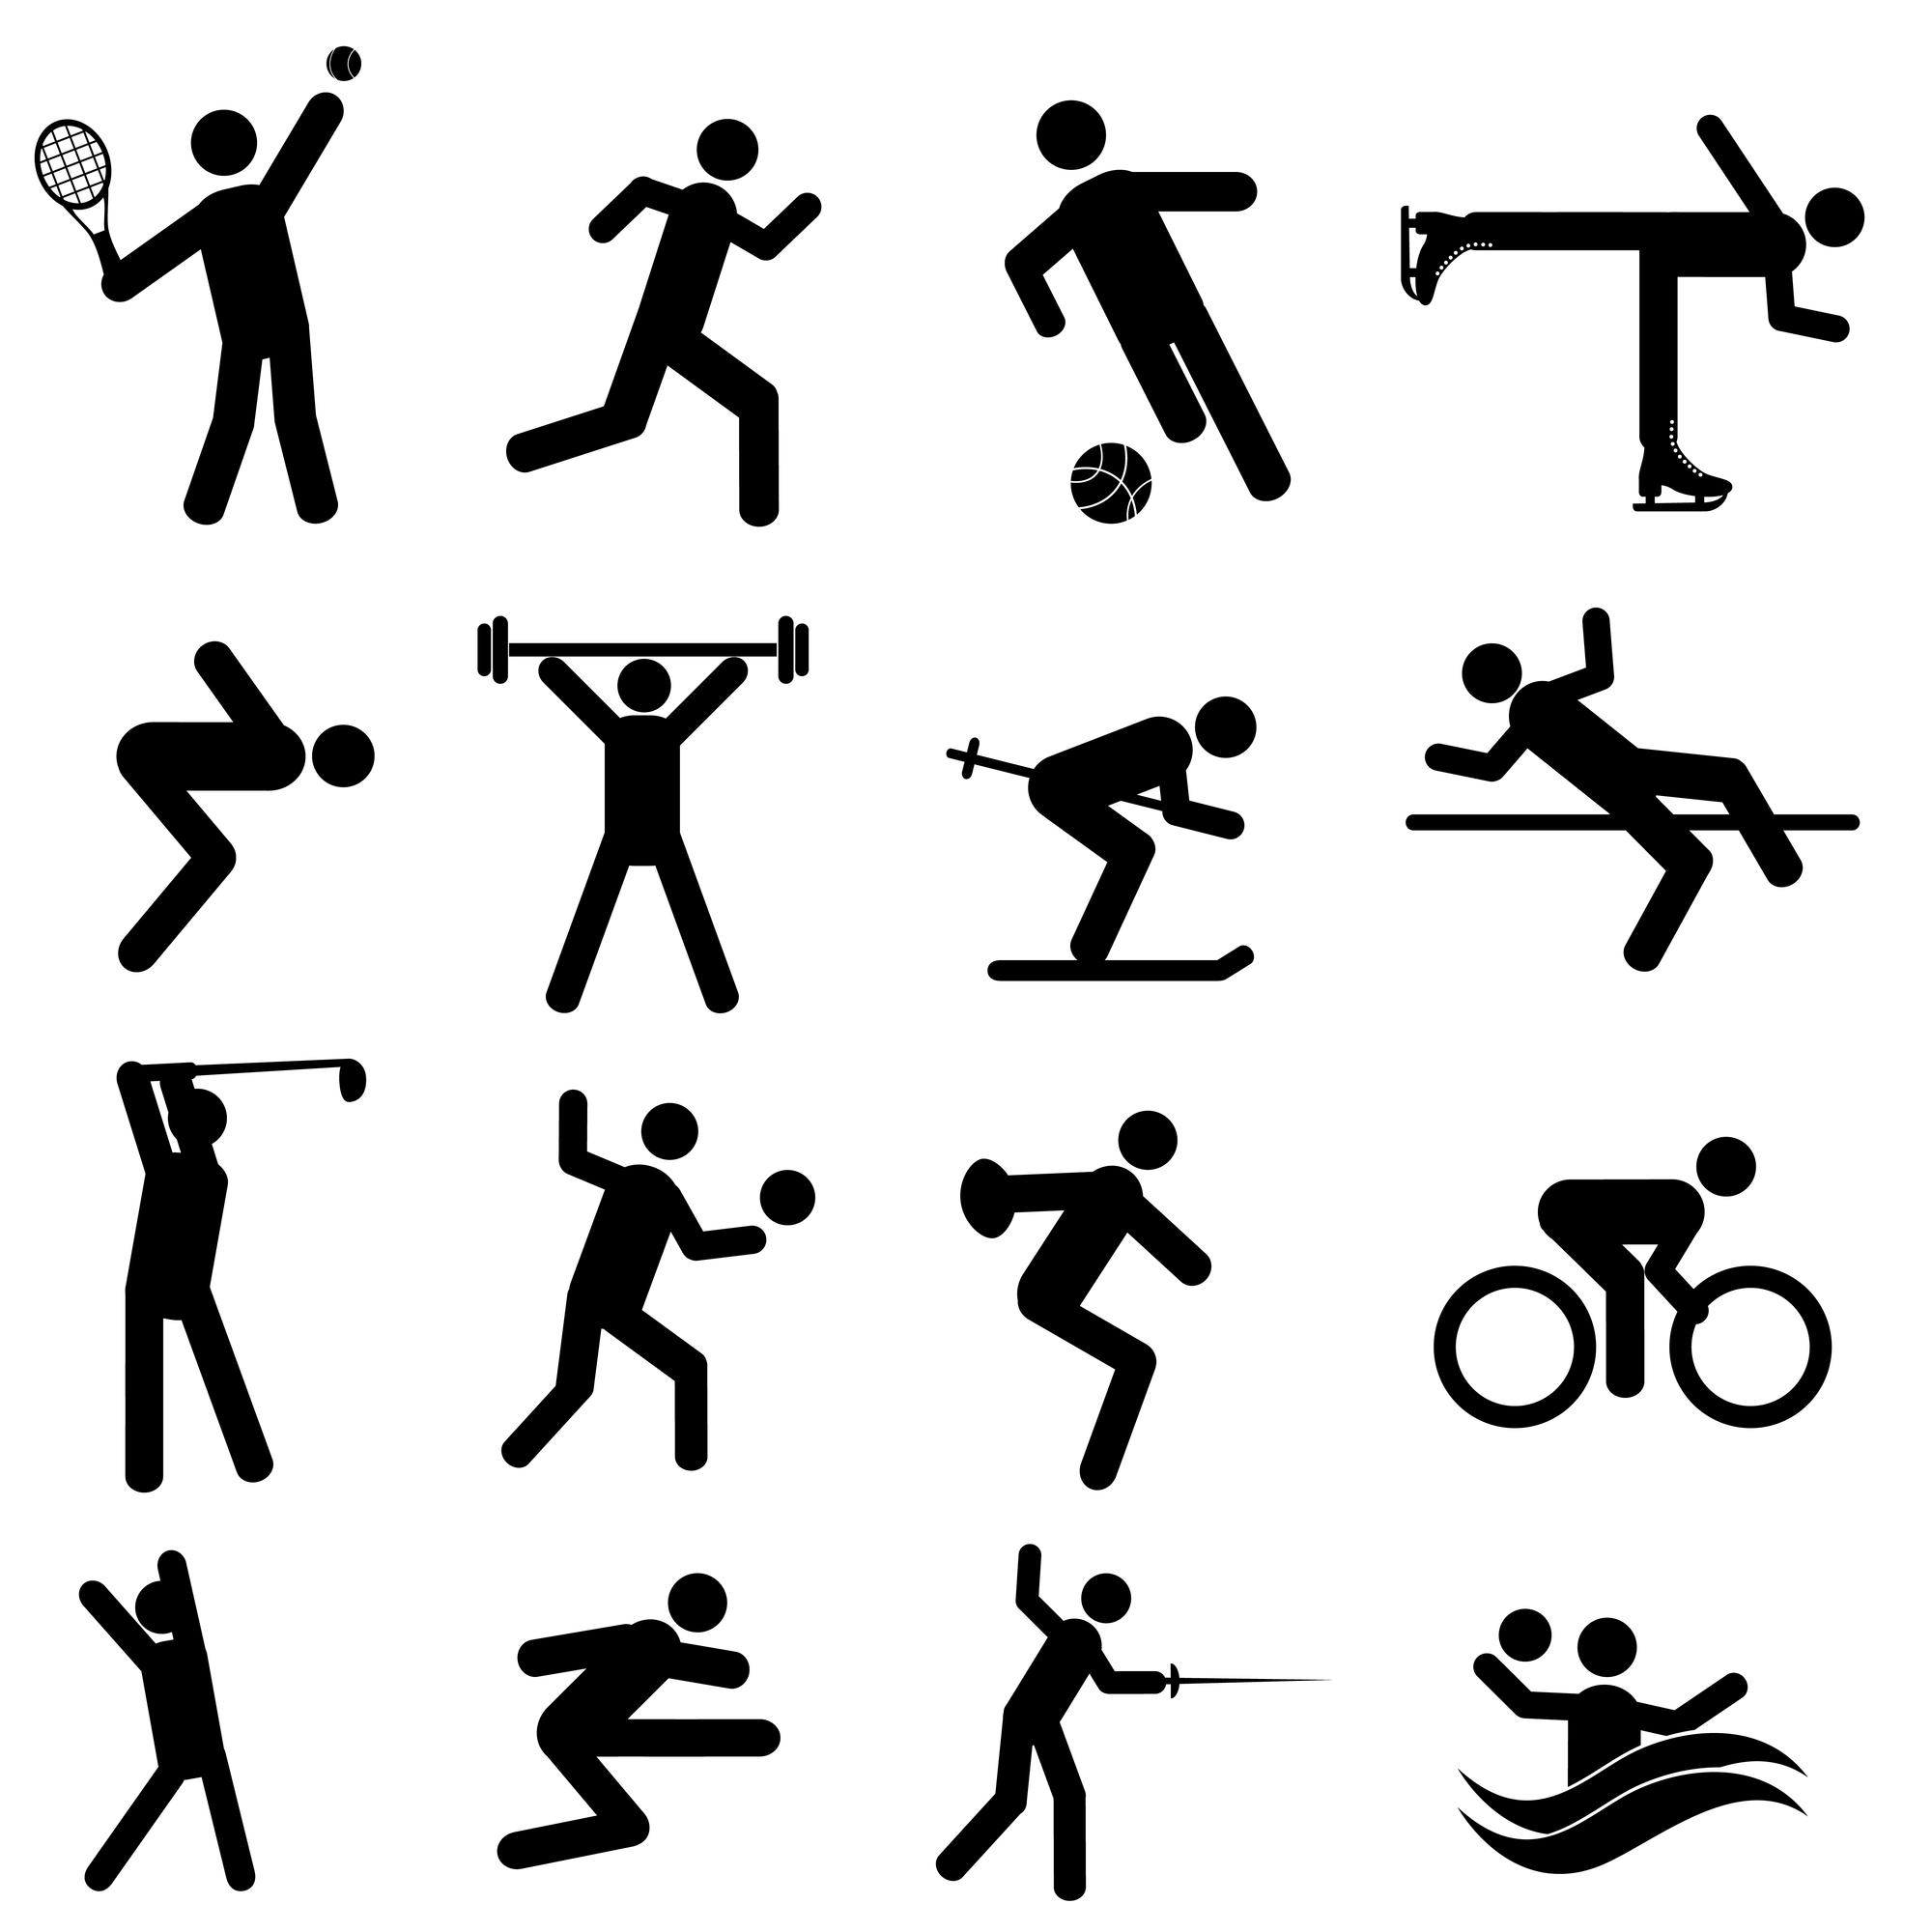 учесть картинки спорт схематические завершён